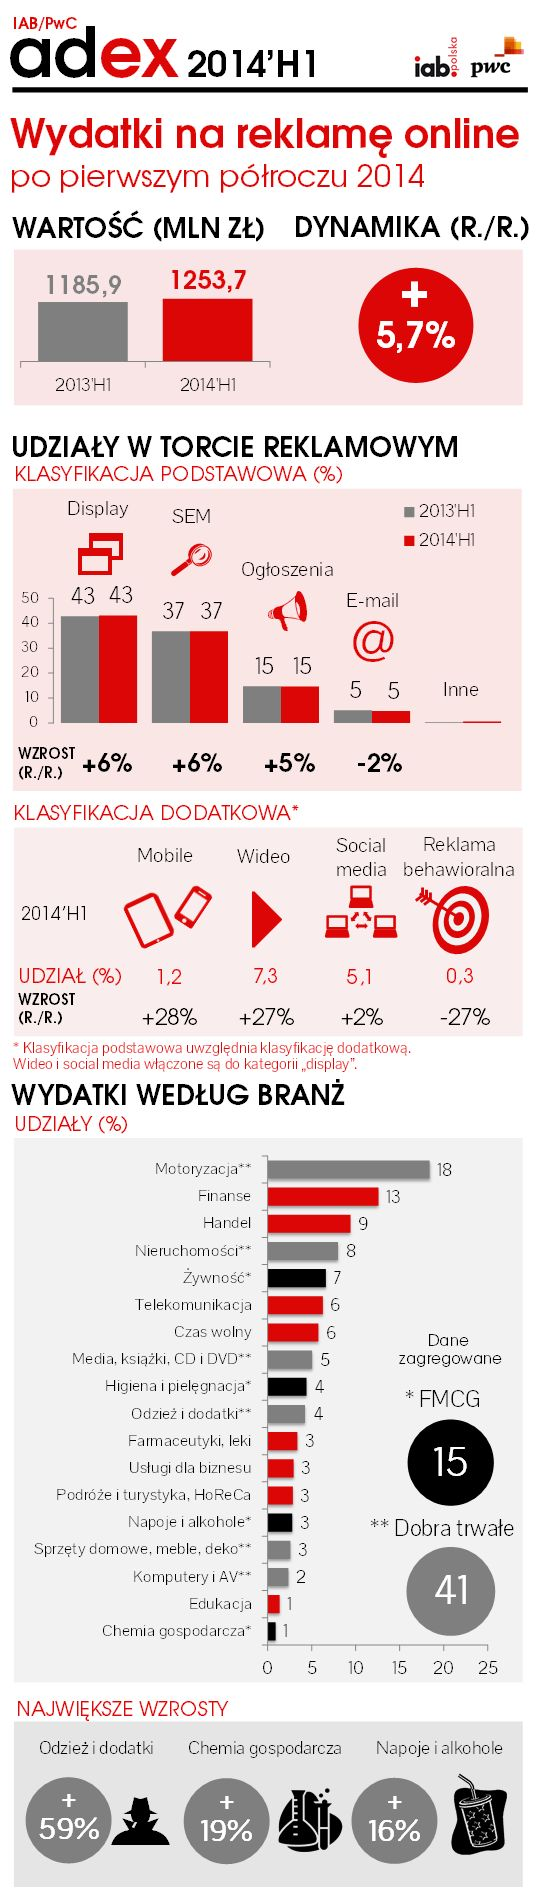 Wydatki na reklamę w polskim internecie - I półrocze 2014 r.